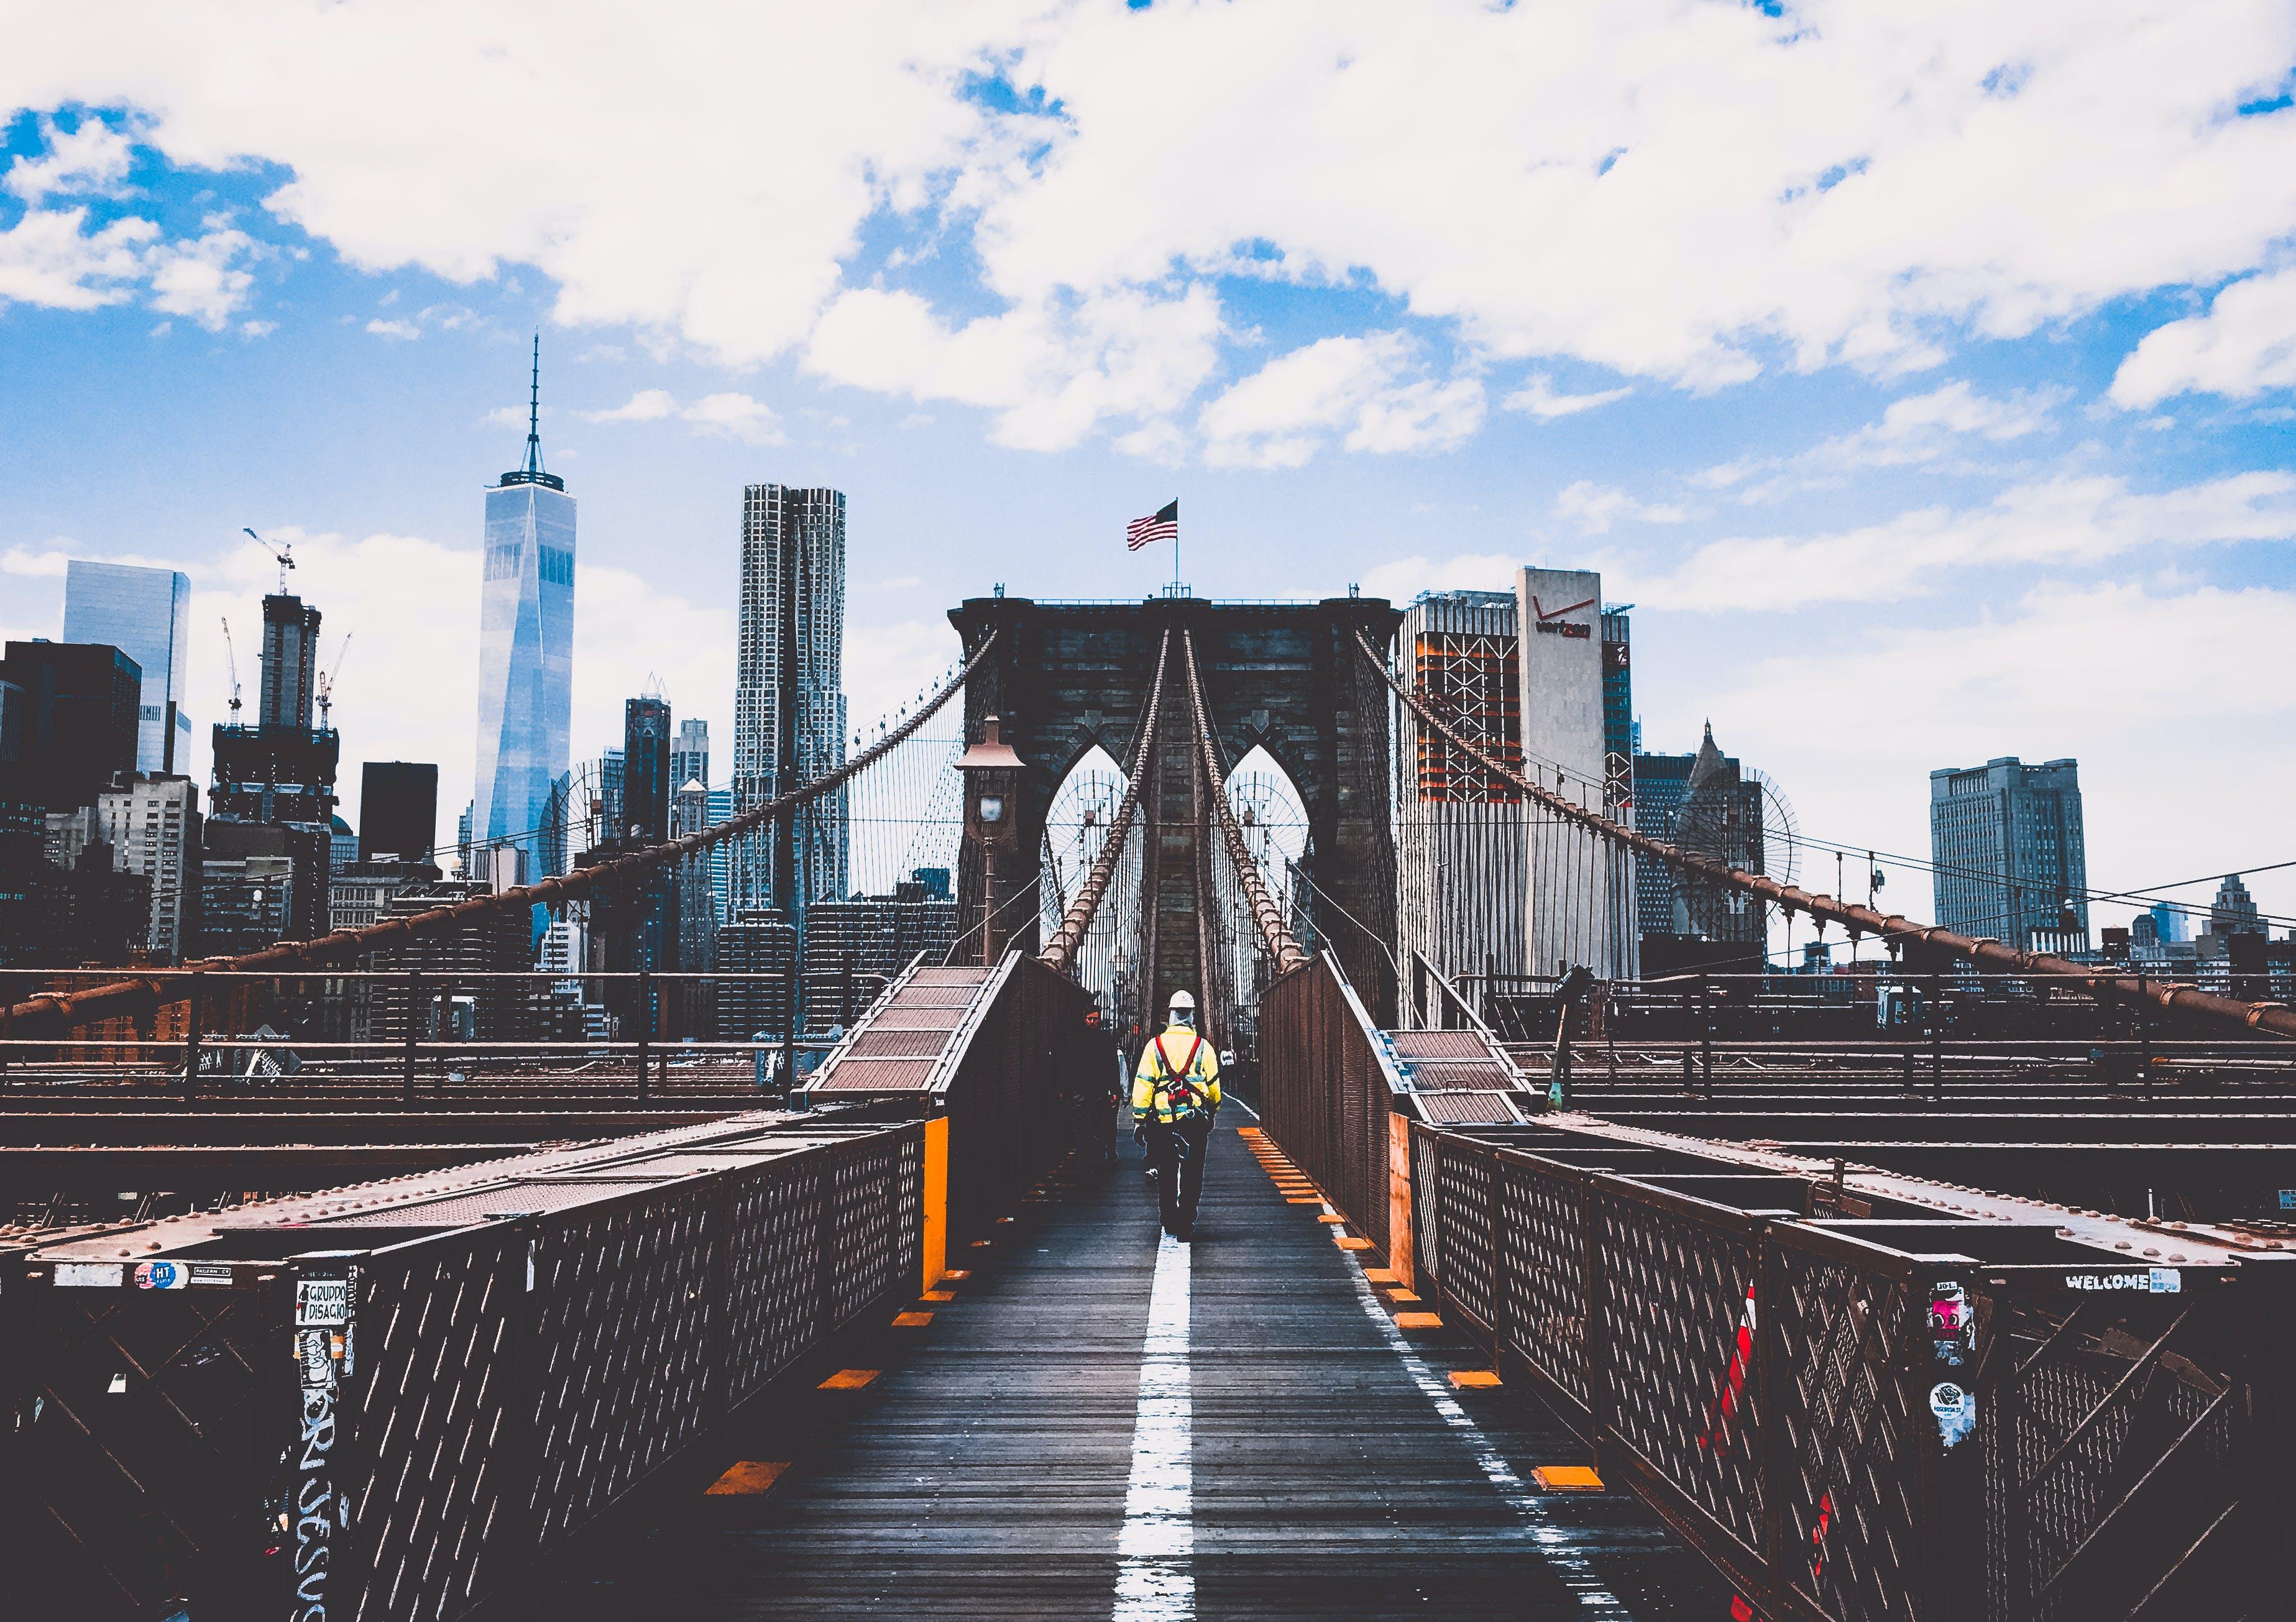 Man Waling on Bridge